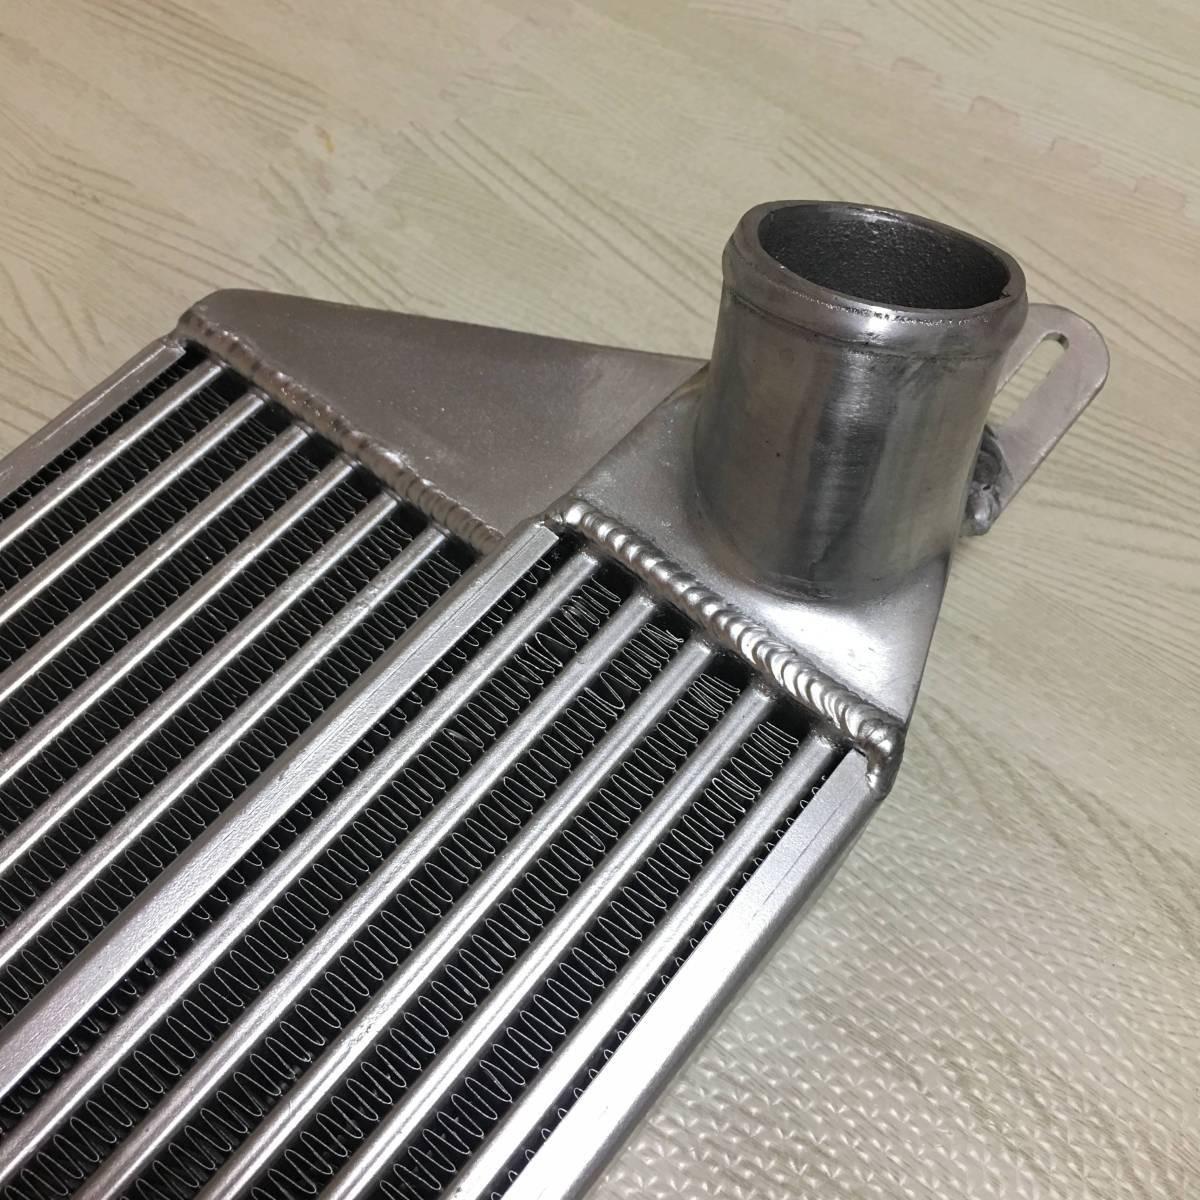 20PS上昇! ミニクーパー 大容量インタークーラー R55 R56 R57 R58 R59 R60 R61 クーパーS JCW MINI ミニ BMW マフラー_画像4